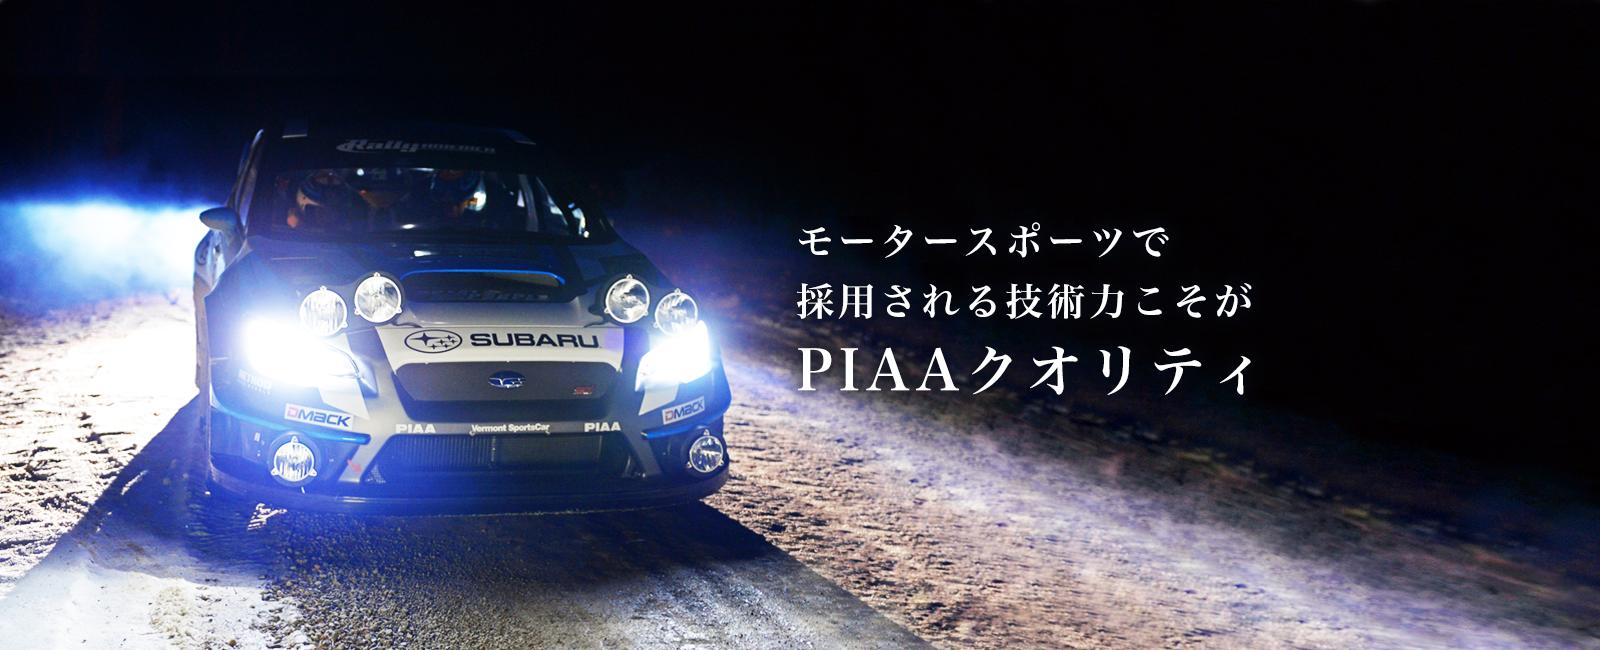 モータースポーツで採用される技術力こそがPIAAクオリティ